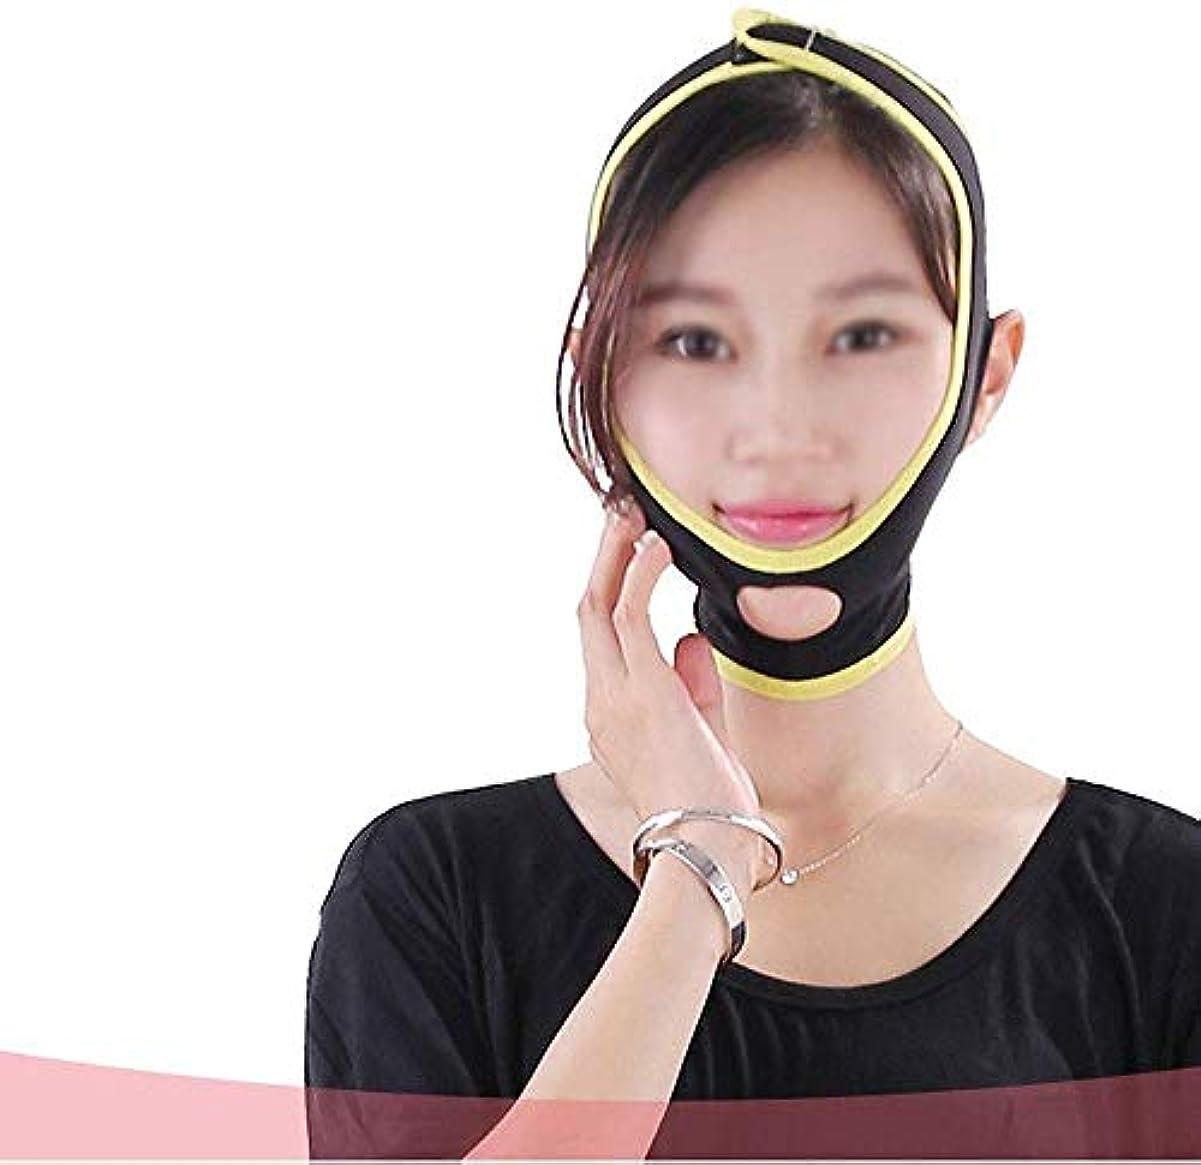 レール暗唱するマウスピーススリミングVフェイスマスク、薄型フェイスバンデージ、通気性睡眠スモールVフェイスマスクリフト引き締め肌アーティファクトダブルチン顔の減量包帯(サイズ:M)